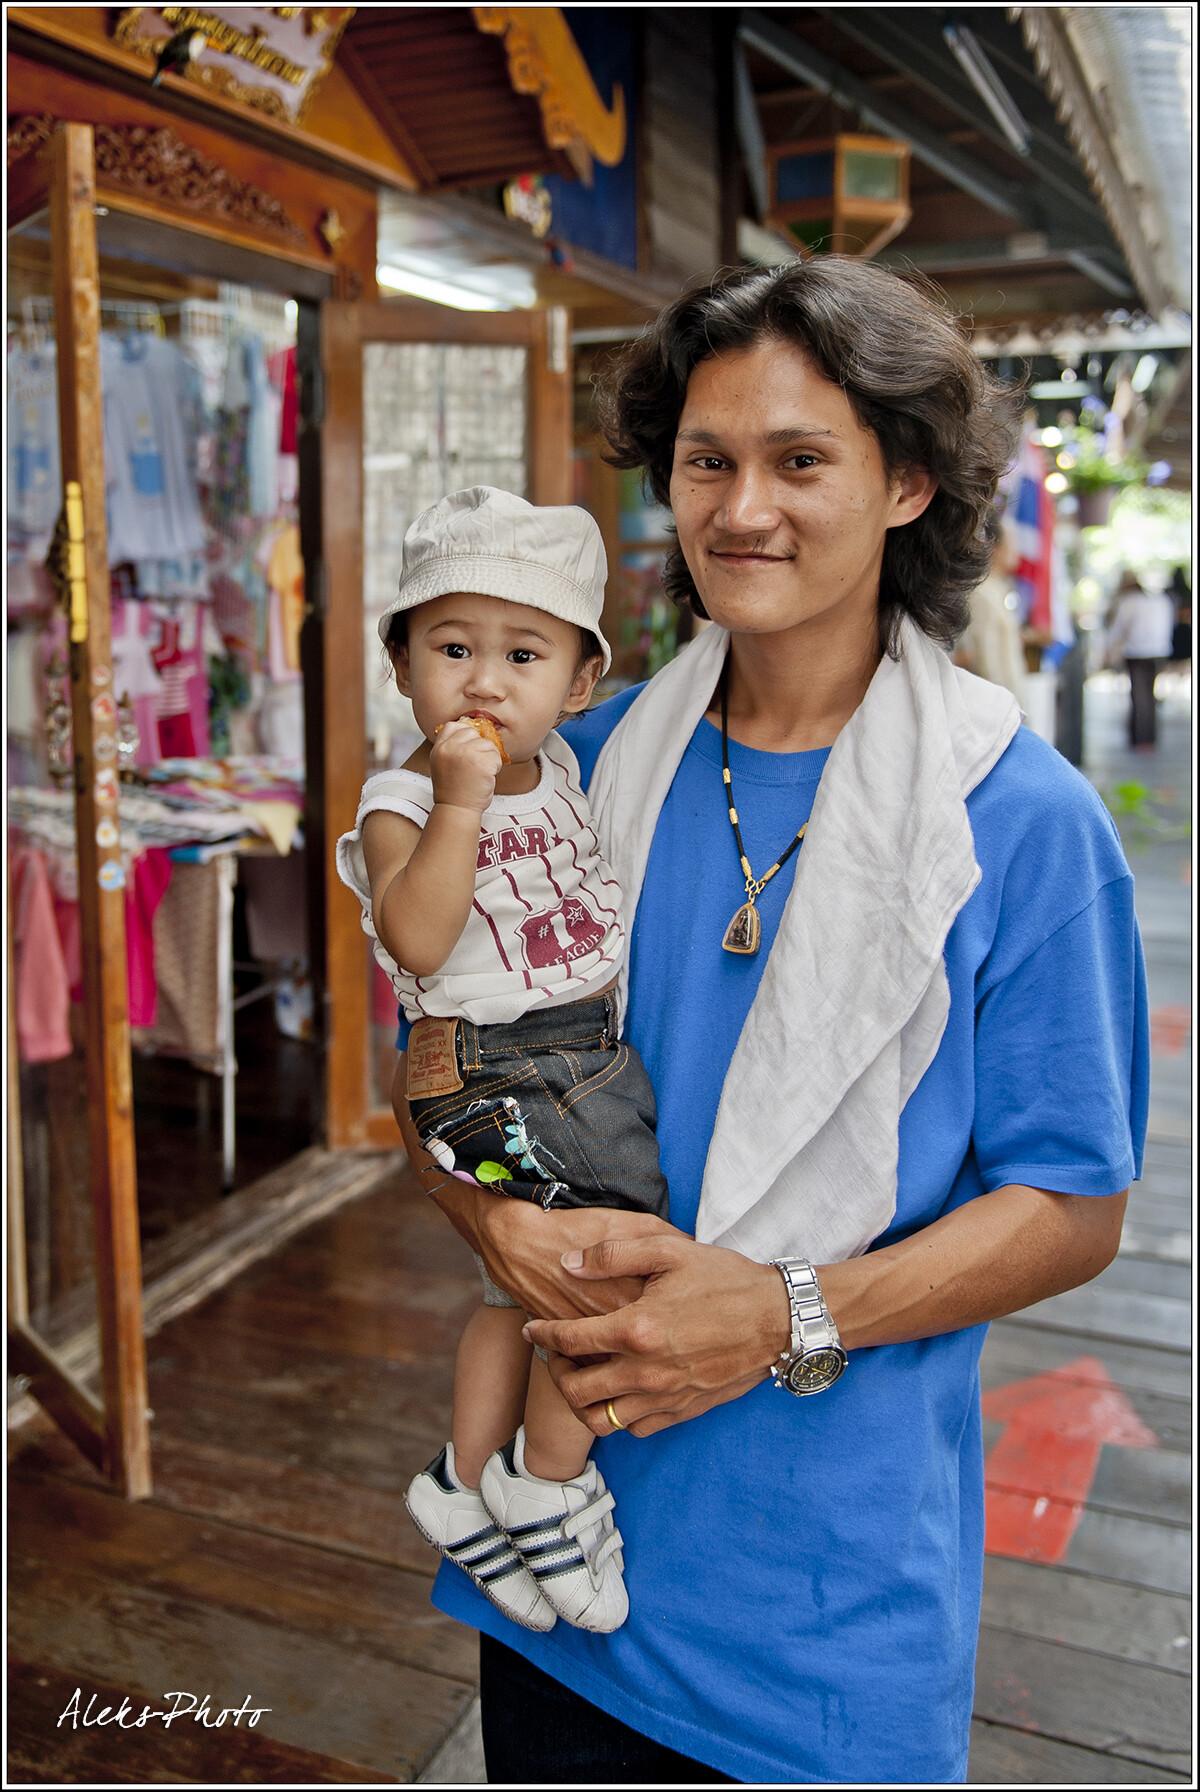 Таец никогда не будет кричать на вас, если вы захотите его сфотографировать. Эта черта мне нравится в них больше всего. даже детей своих они не запрещают фотографировать, не боясь никакого сглаза, как мусульмане..., 7 Плавучий рынок и его обитатели (Таиланд)